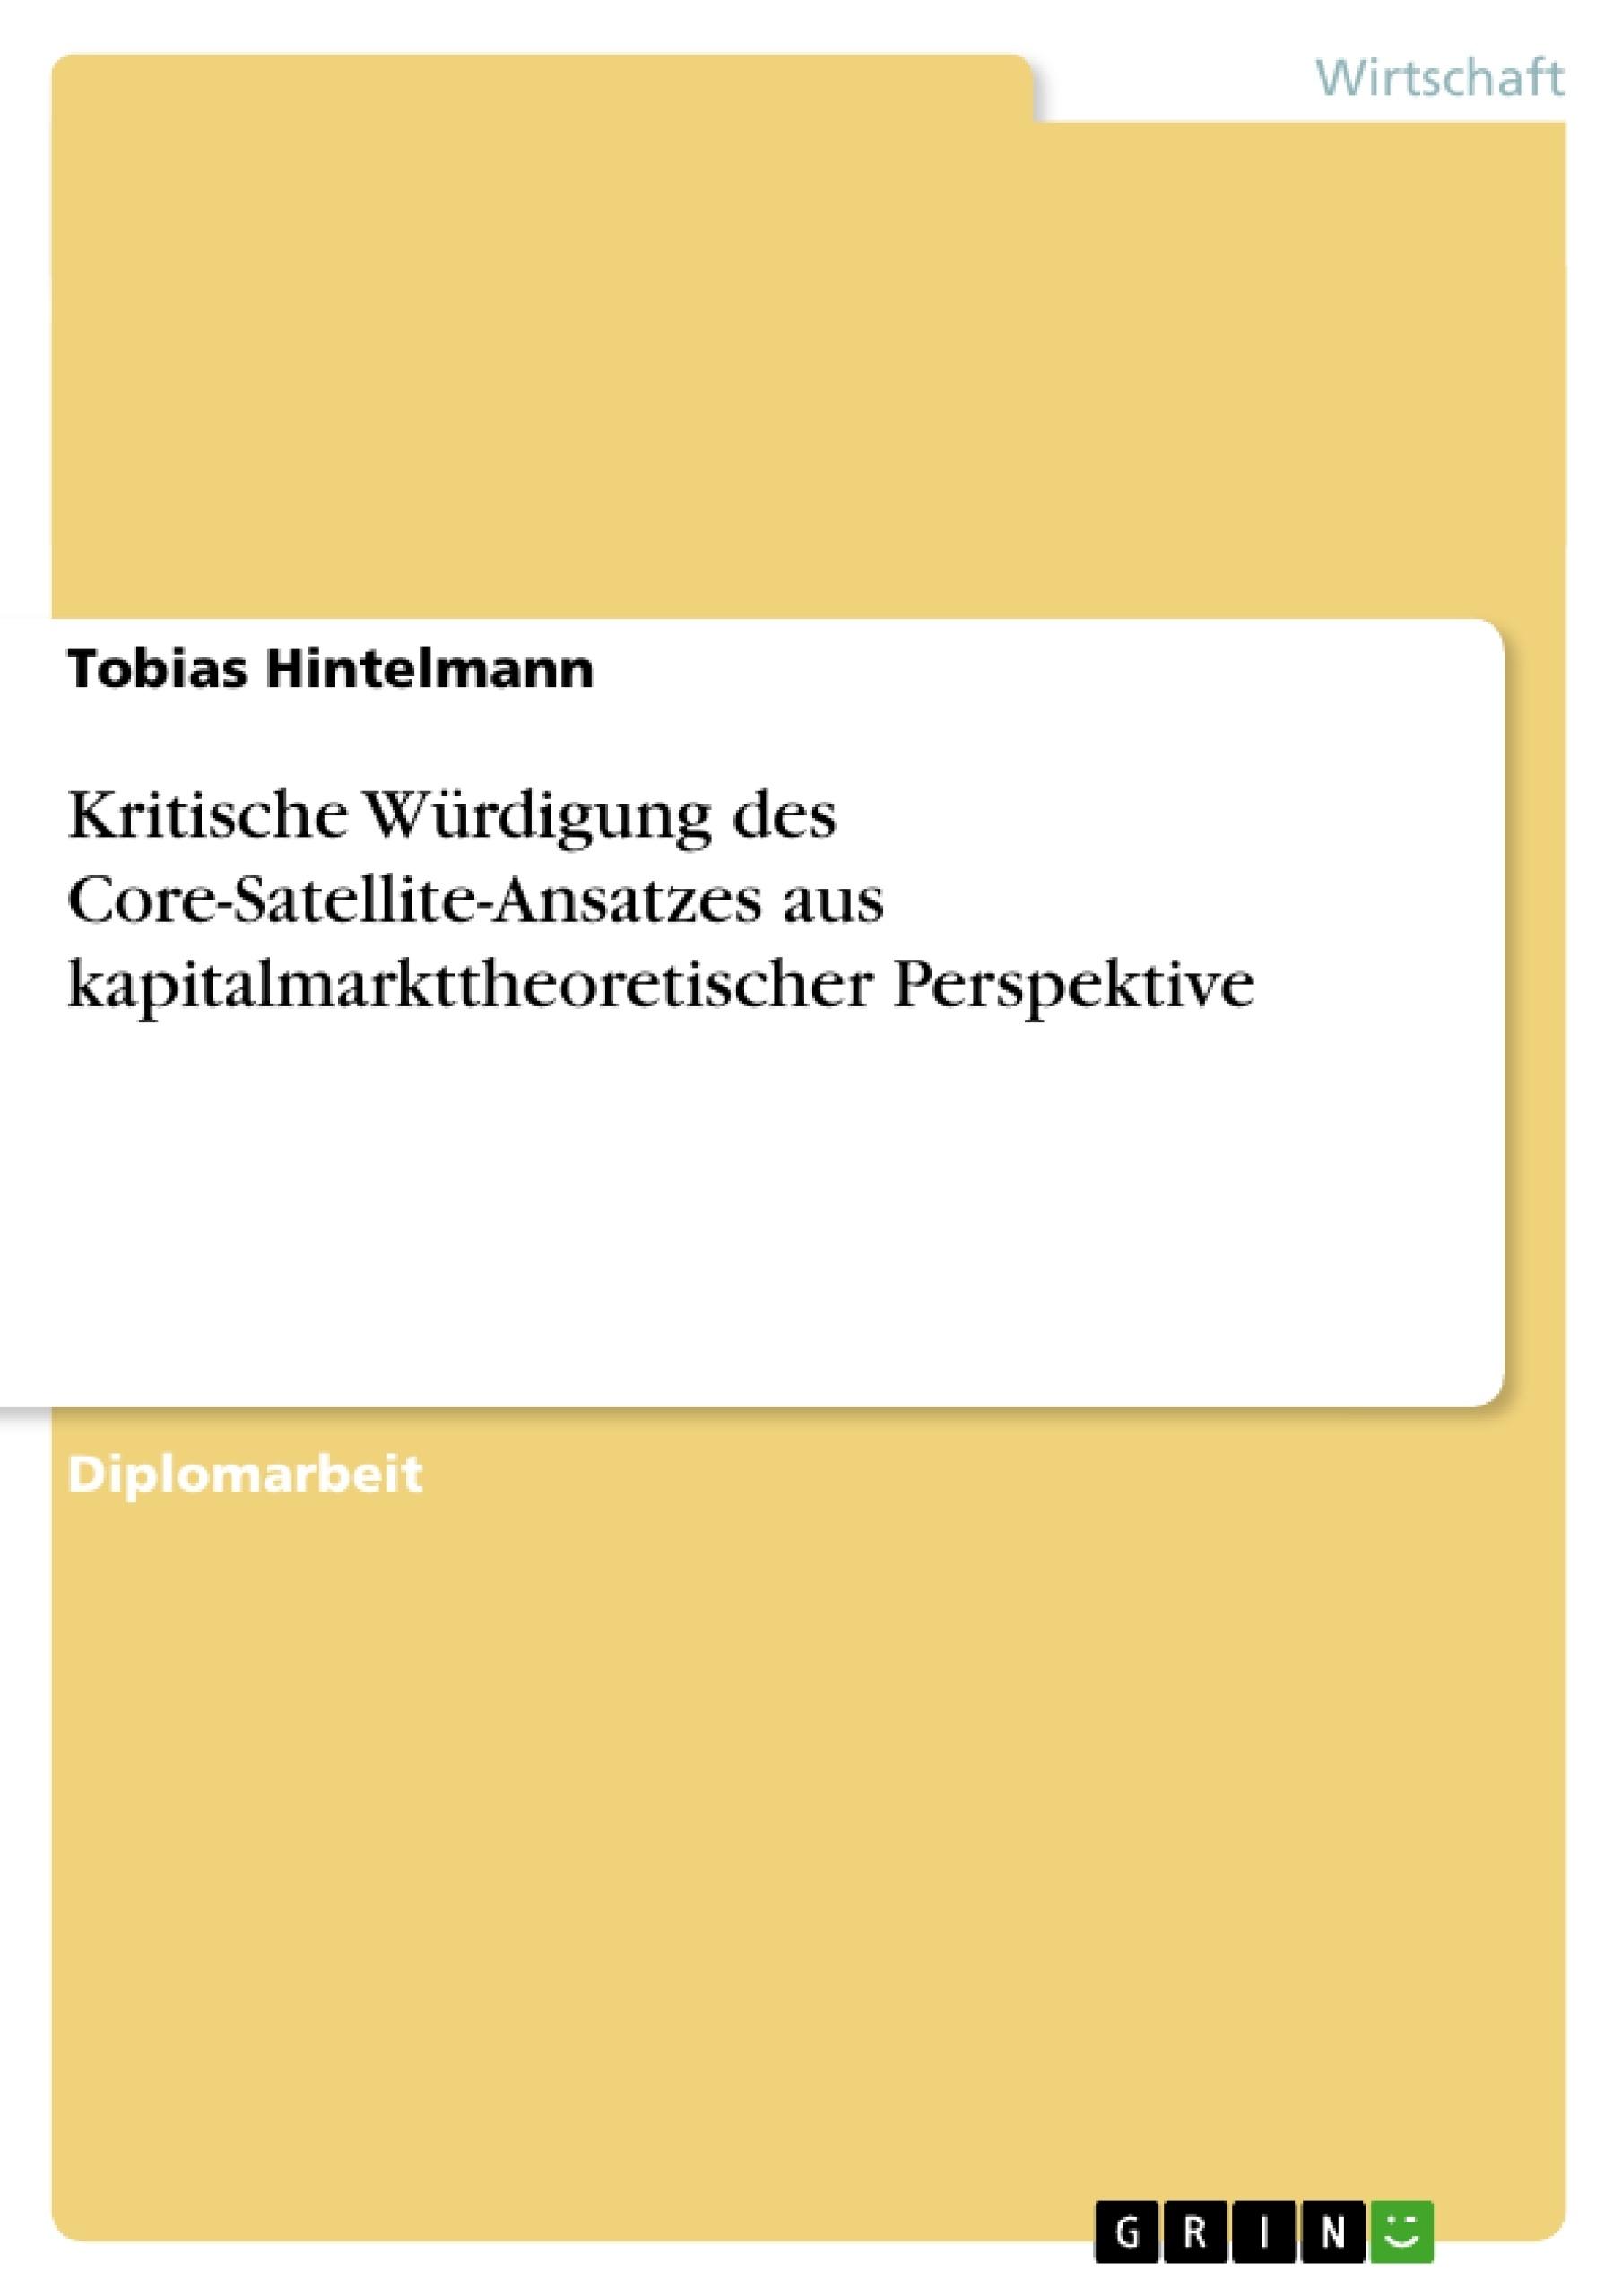 Titel: Kritische Würdigung des Core-Satellite-Ansatzes aus kapitalmarkttheoretischer Perspektive